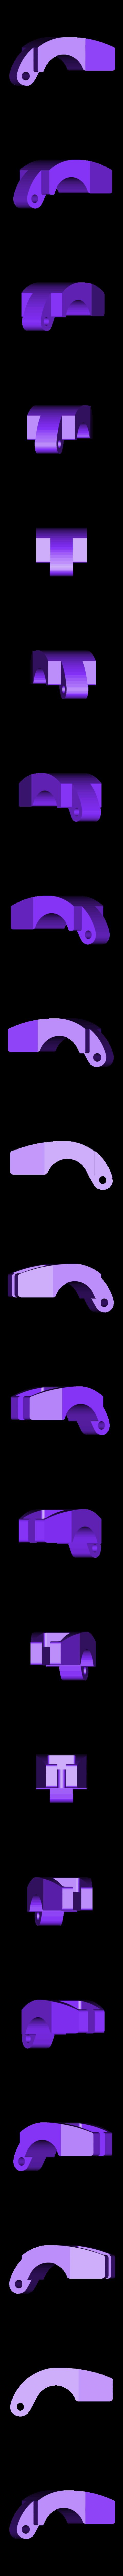 Piece support velo.stl Télécharger fichier STL gratuit Pièces Porte vélo camping car • Plan à imprimer en 3D, Ldom21